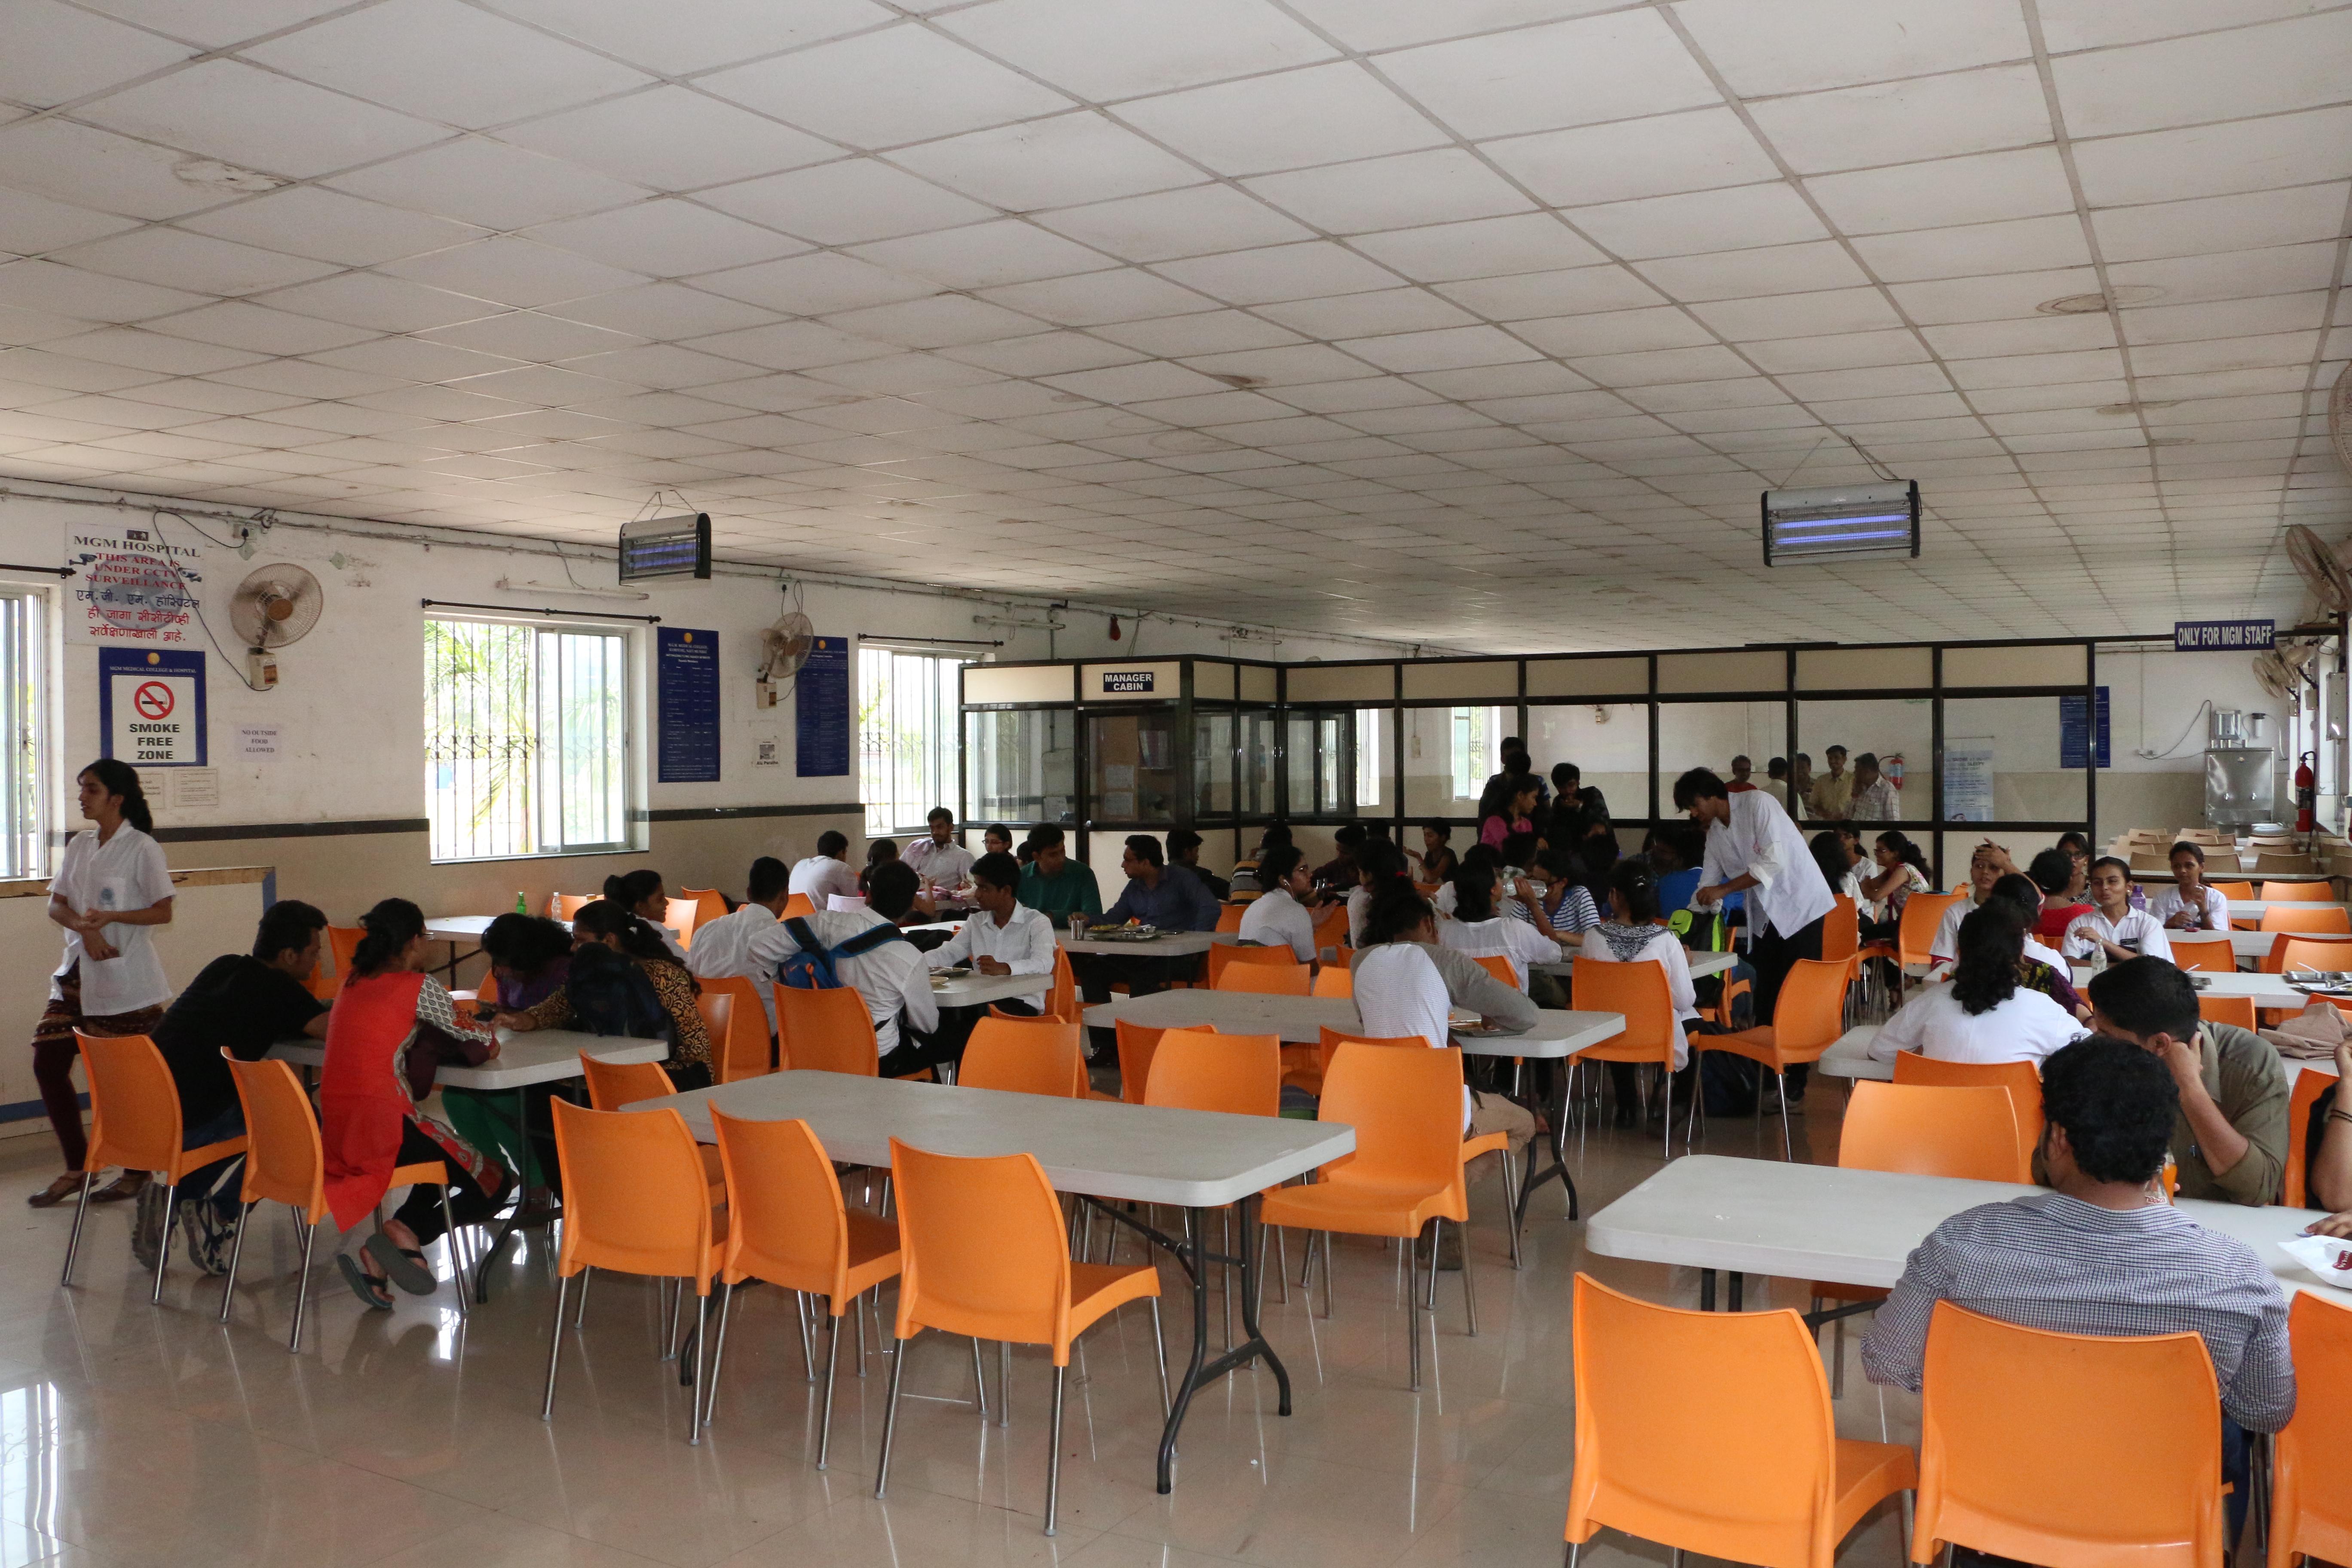 Canteen Facility